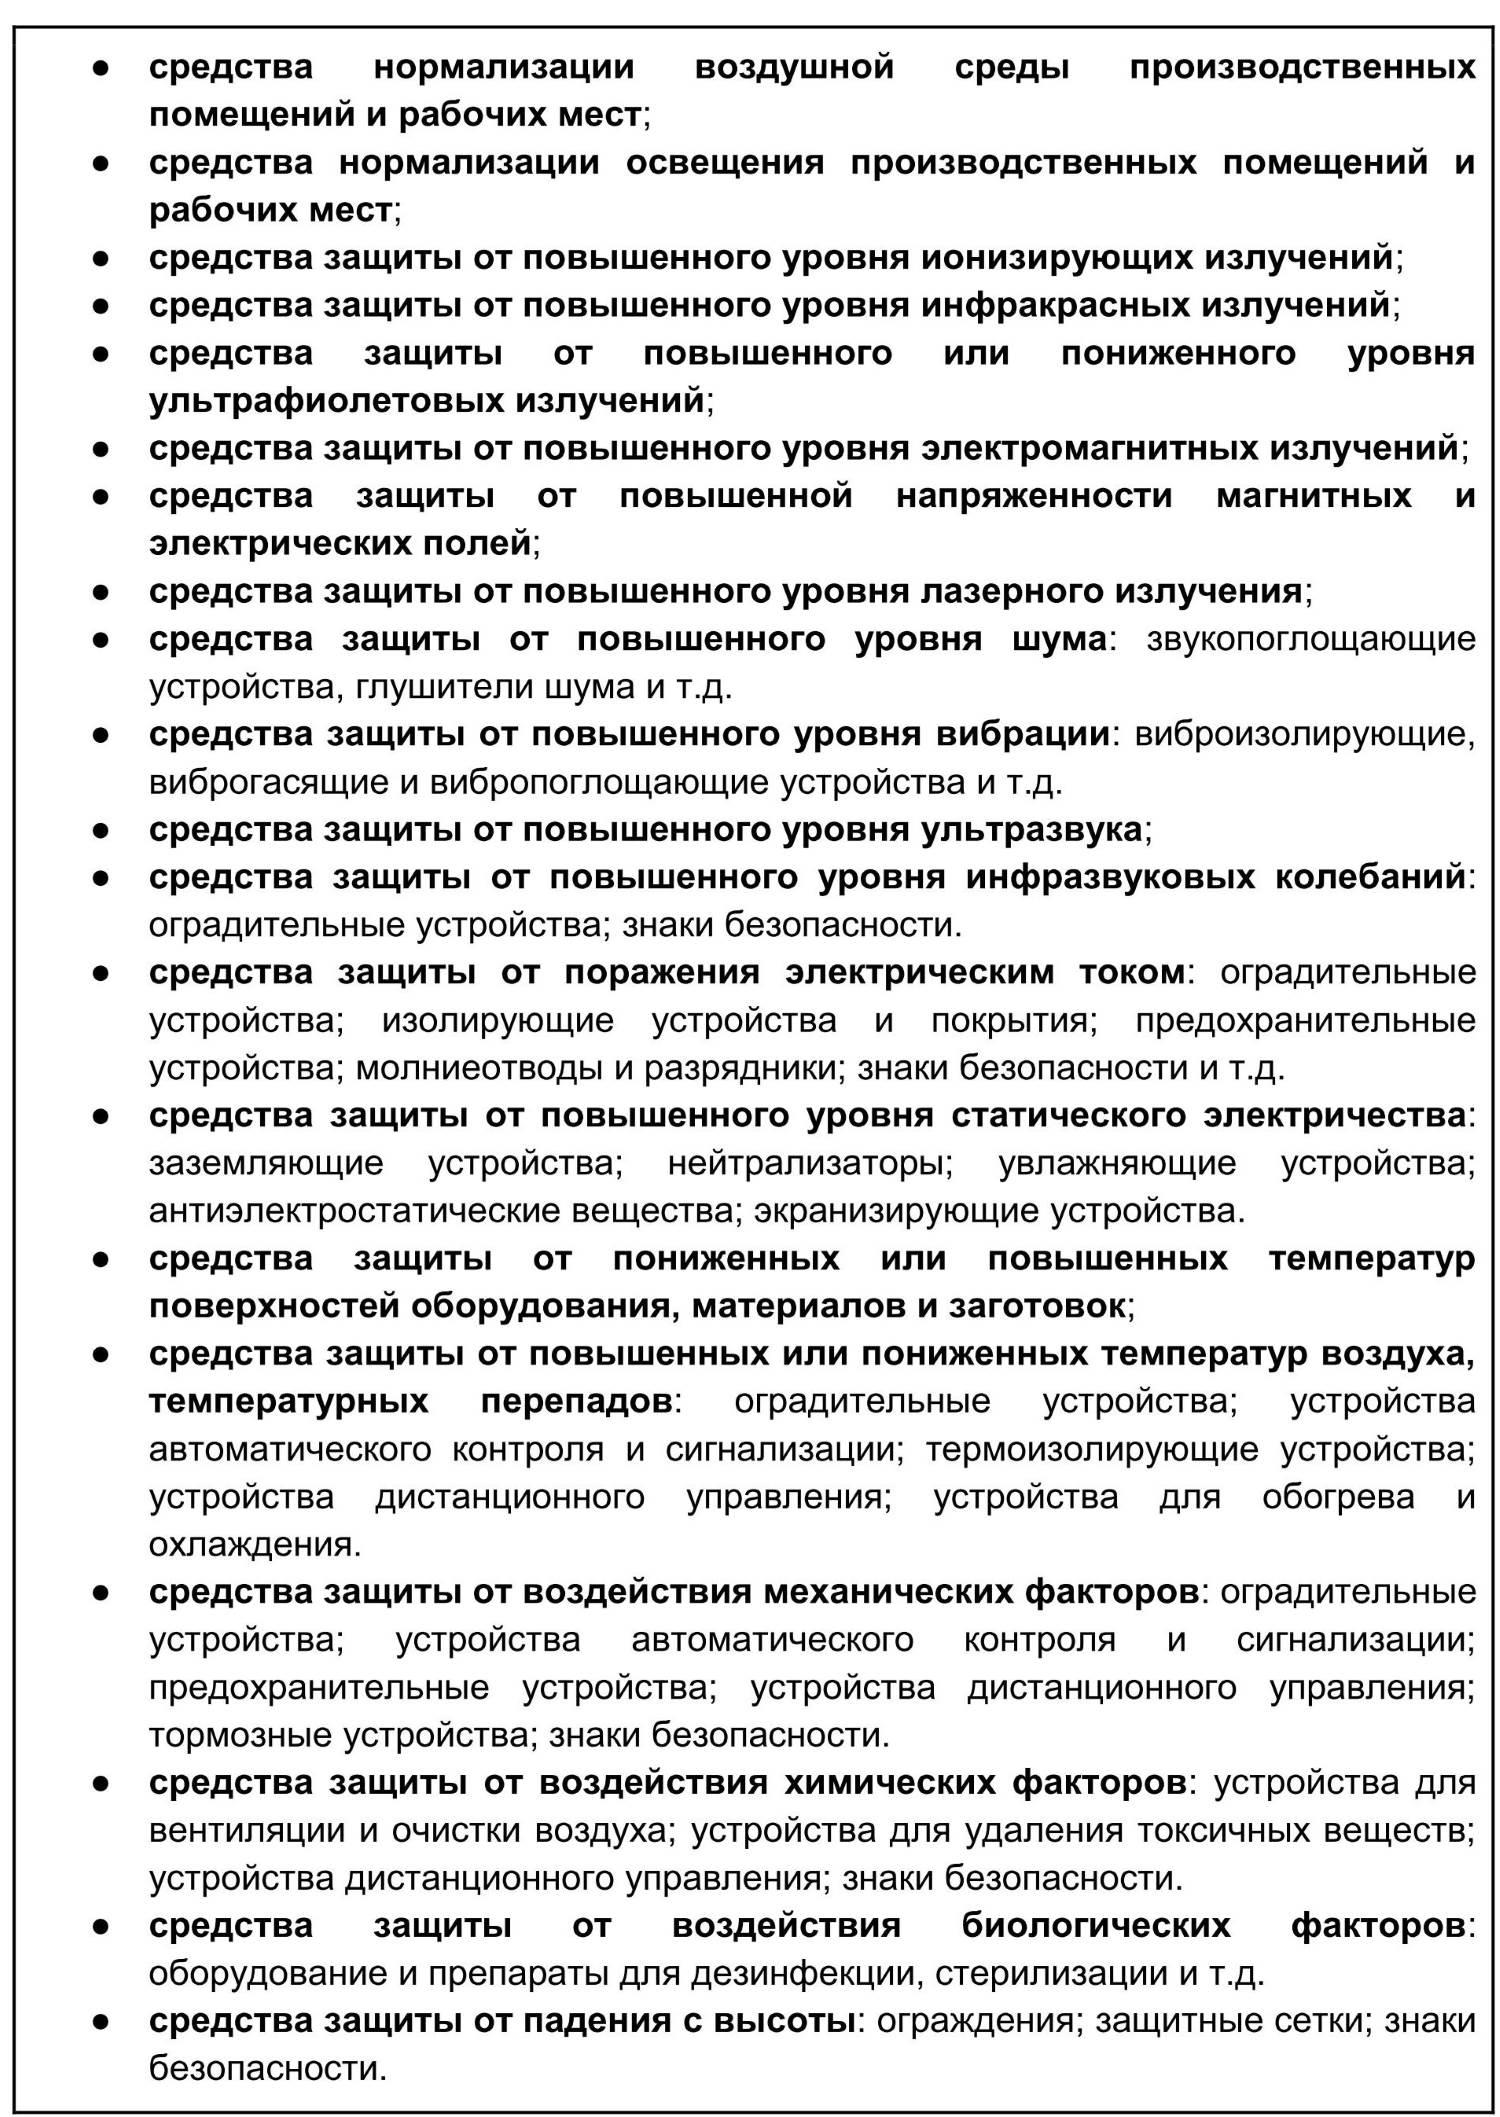 Защитные сооружения гражданской обороны зсго: классификация и виды